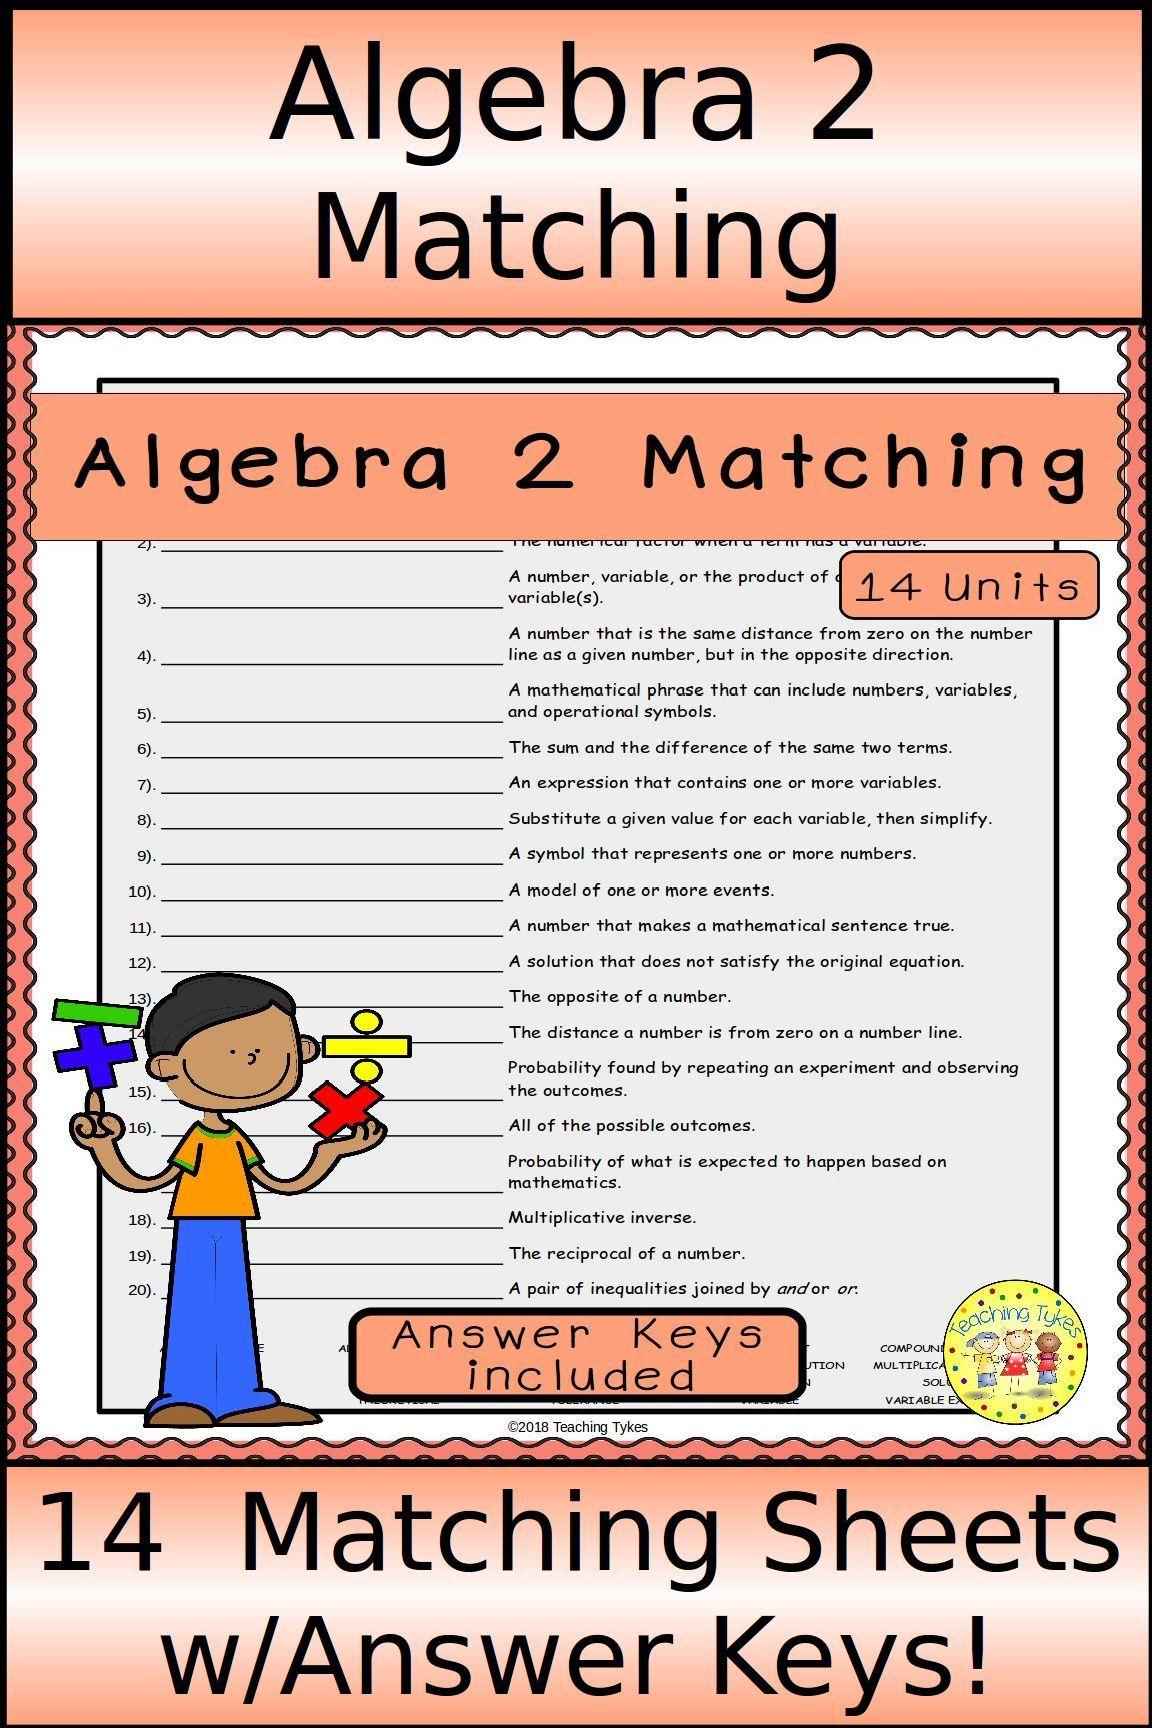 Algebra 2 Matching